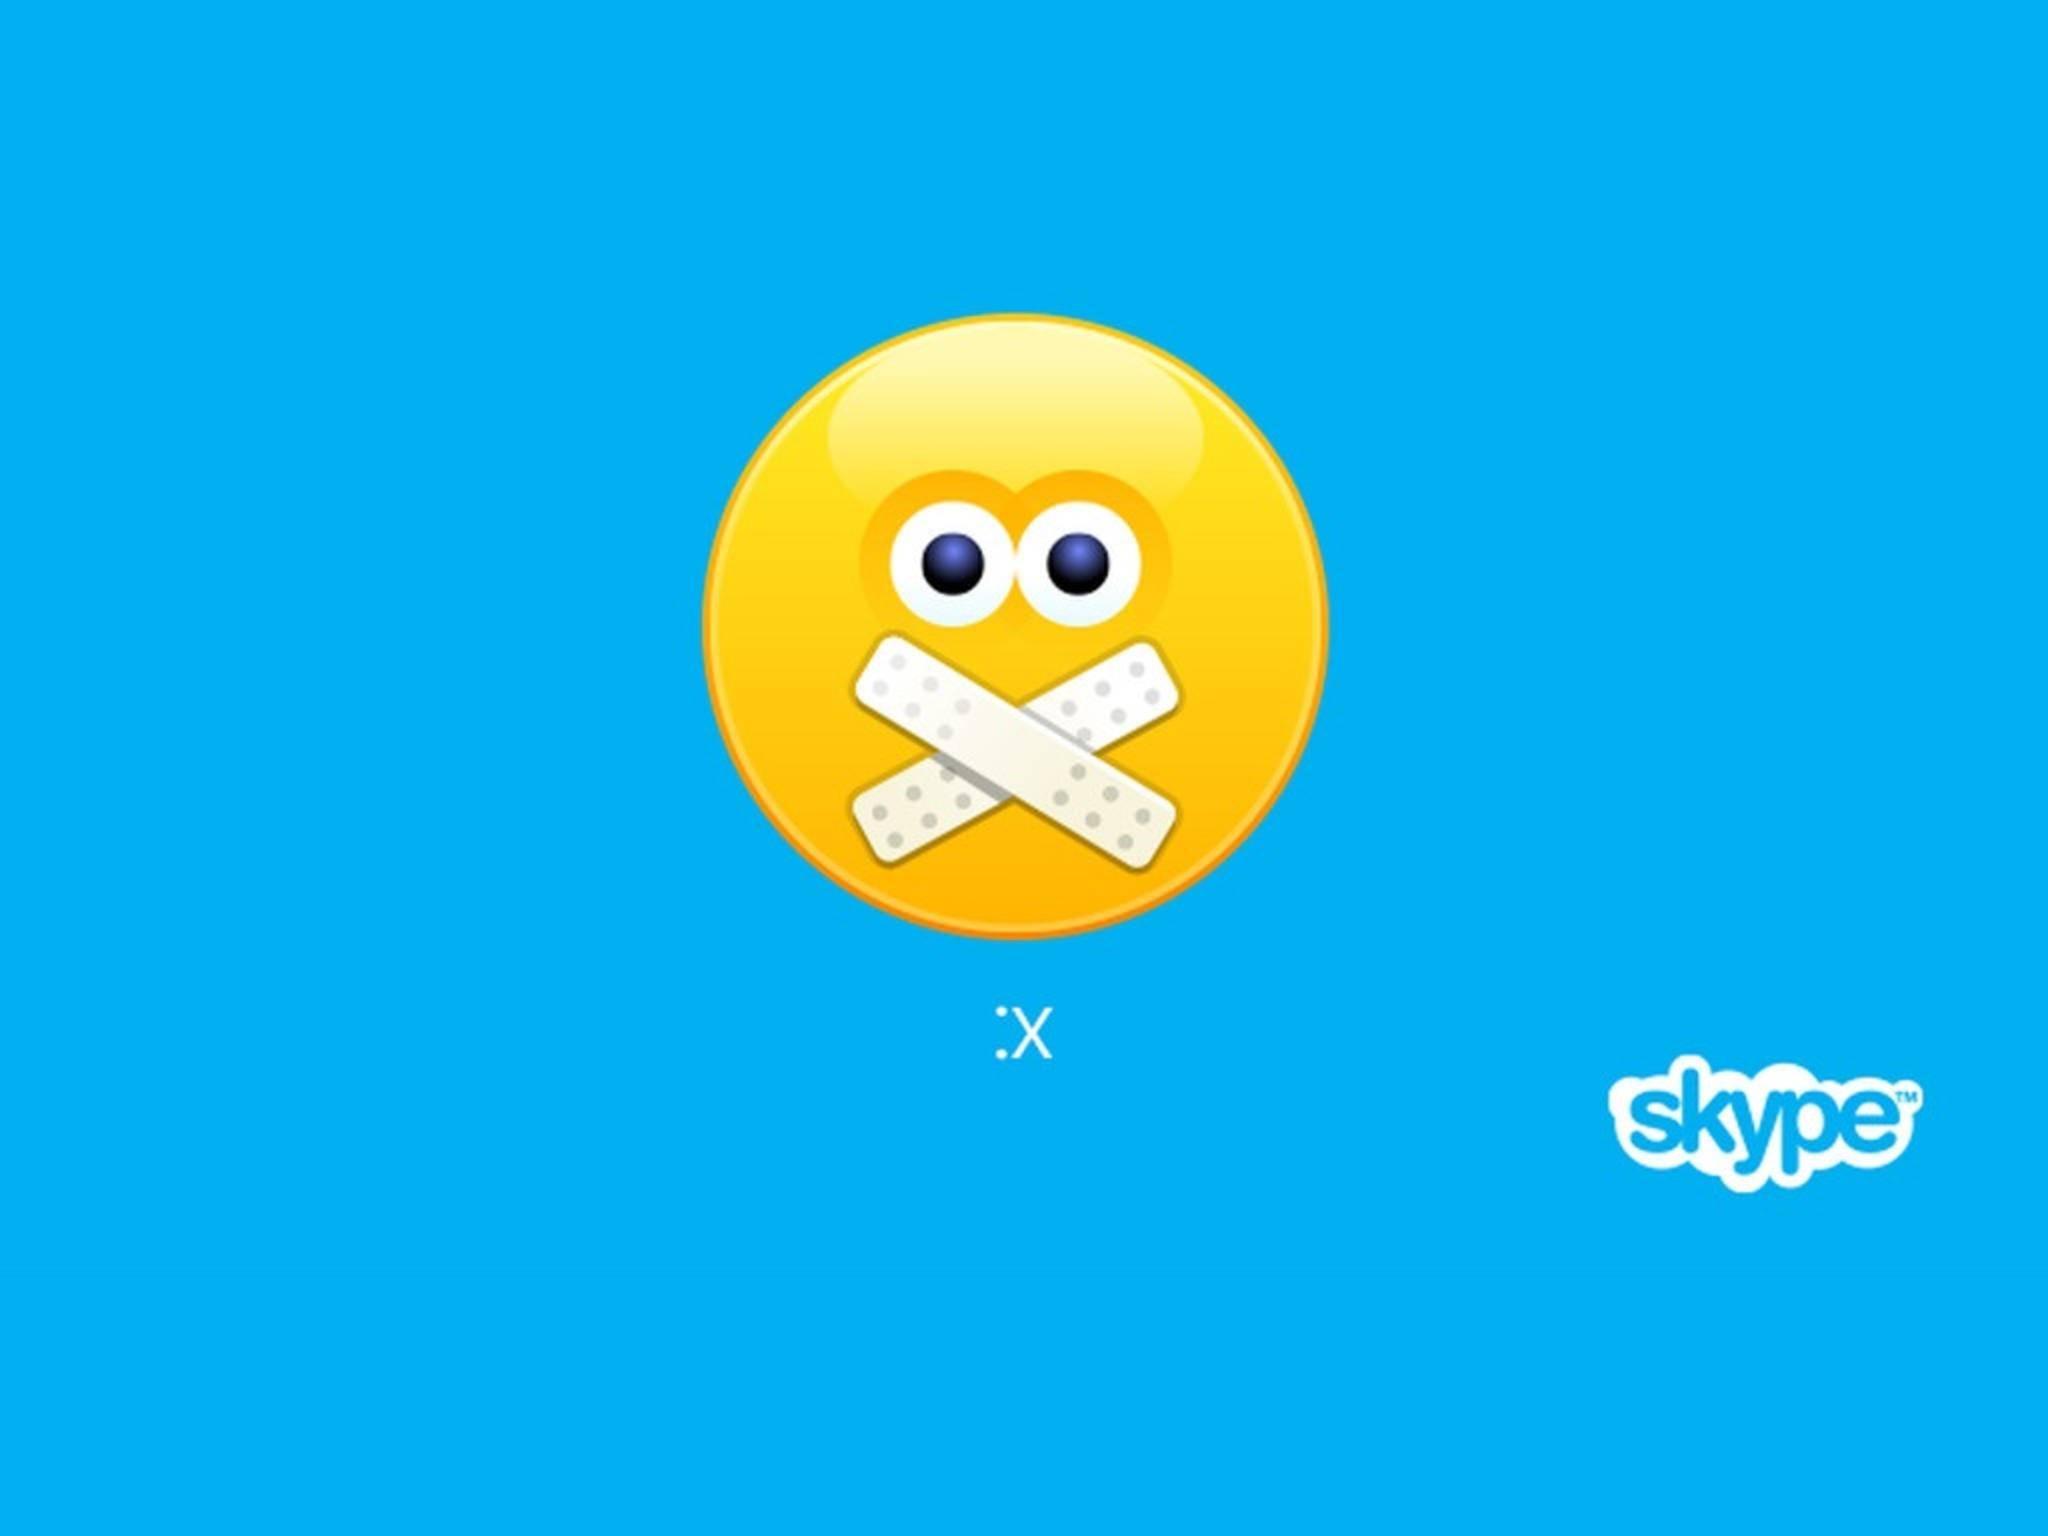 Ohne Login keine Kommunikation – Skype bleibt am Montag still.